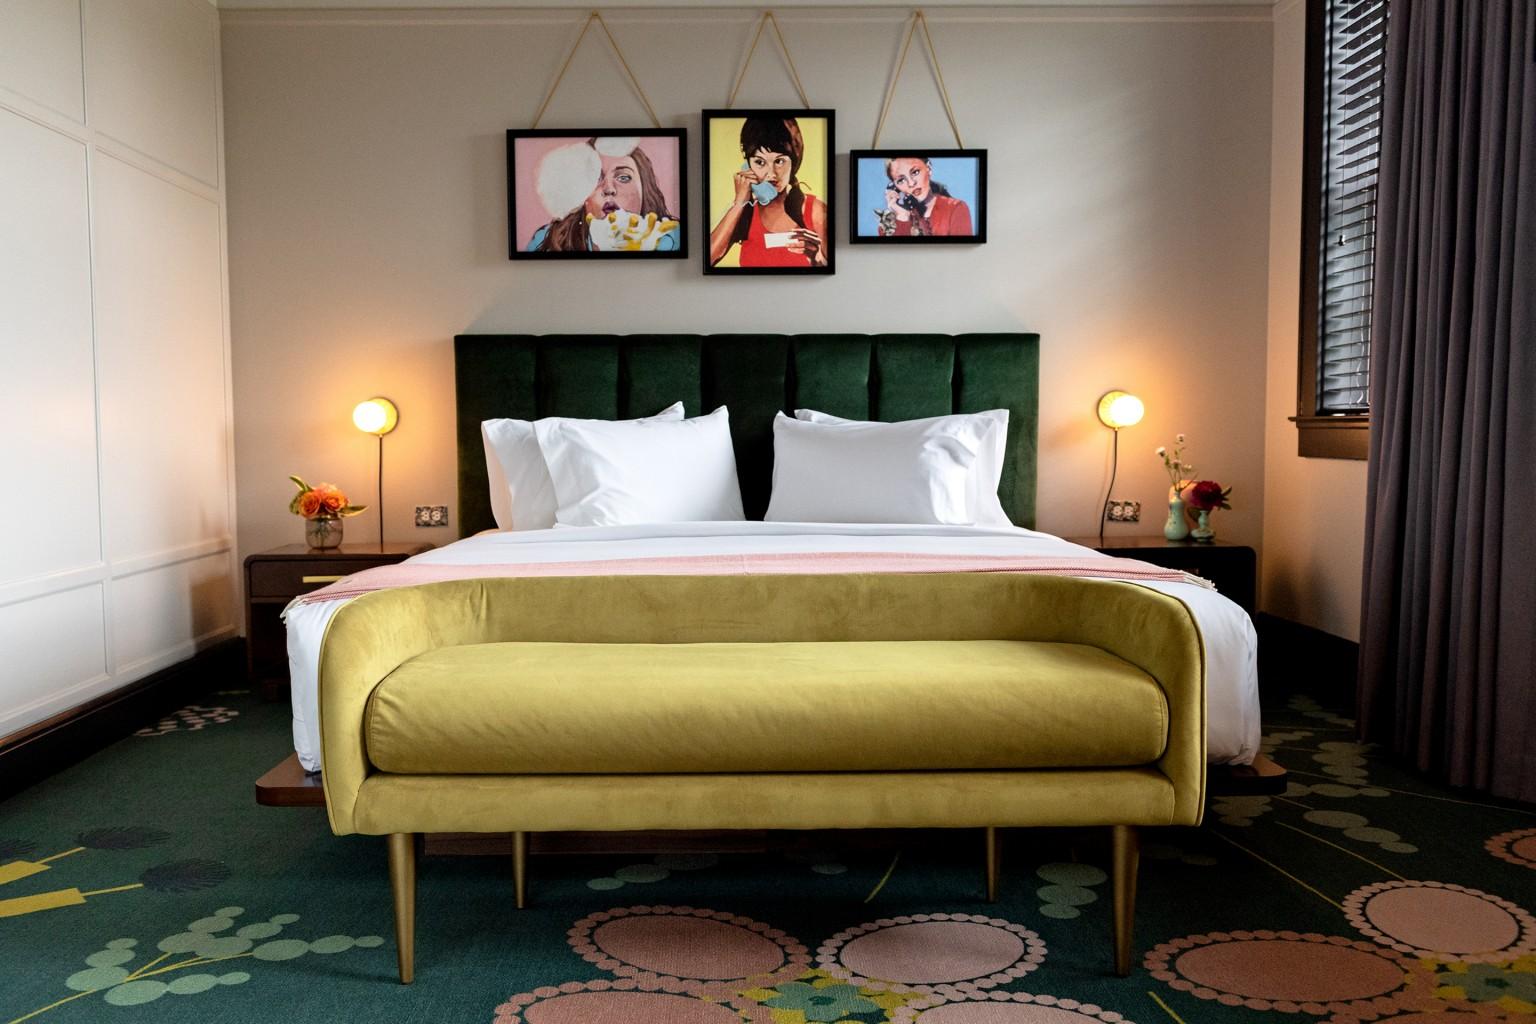 Hotel-Clermont_02.jpg